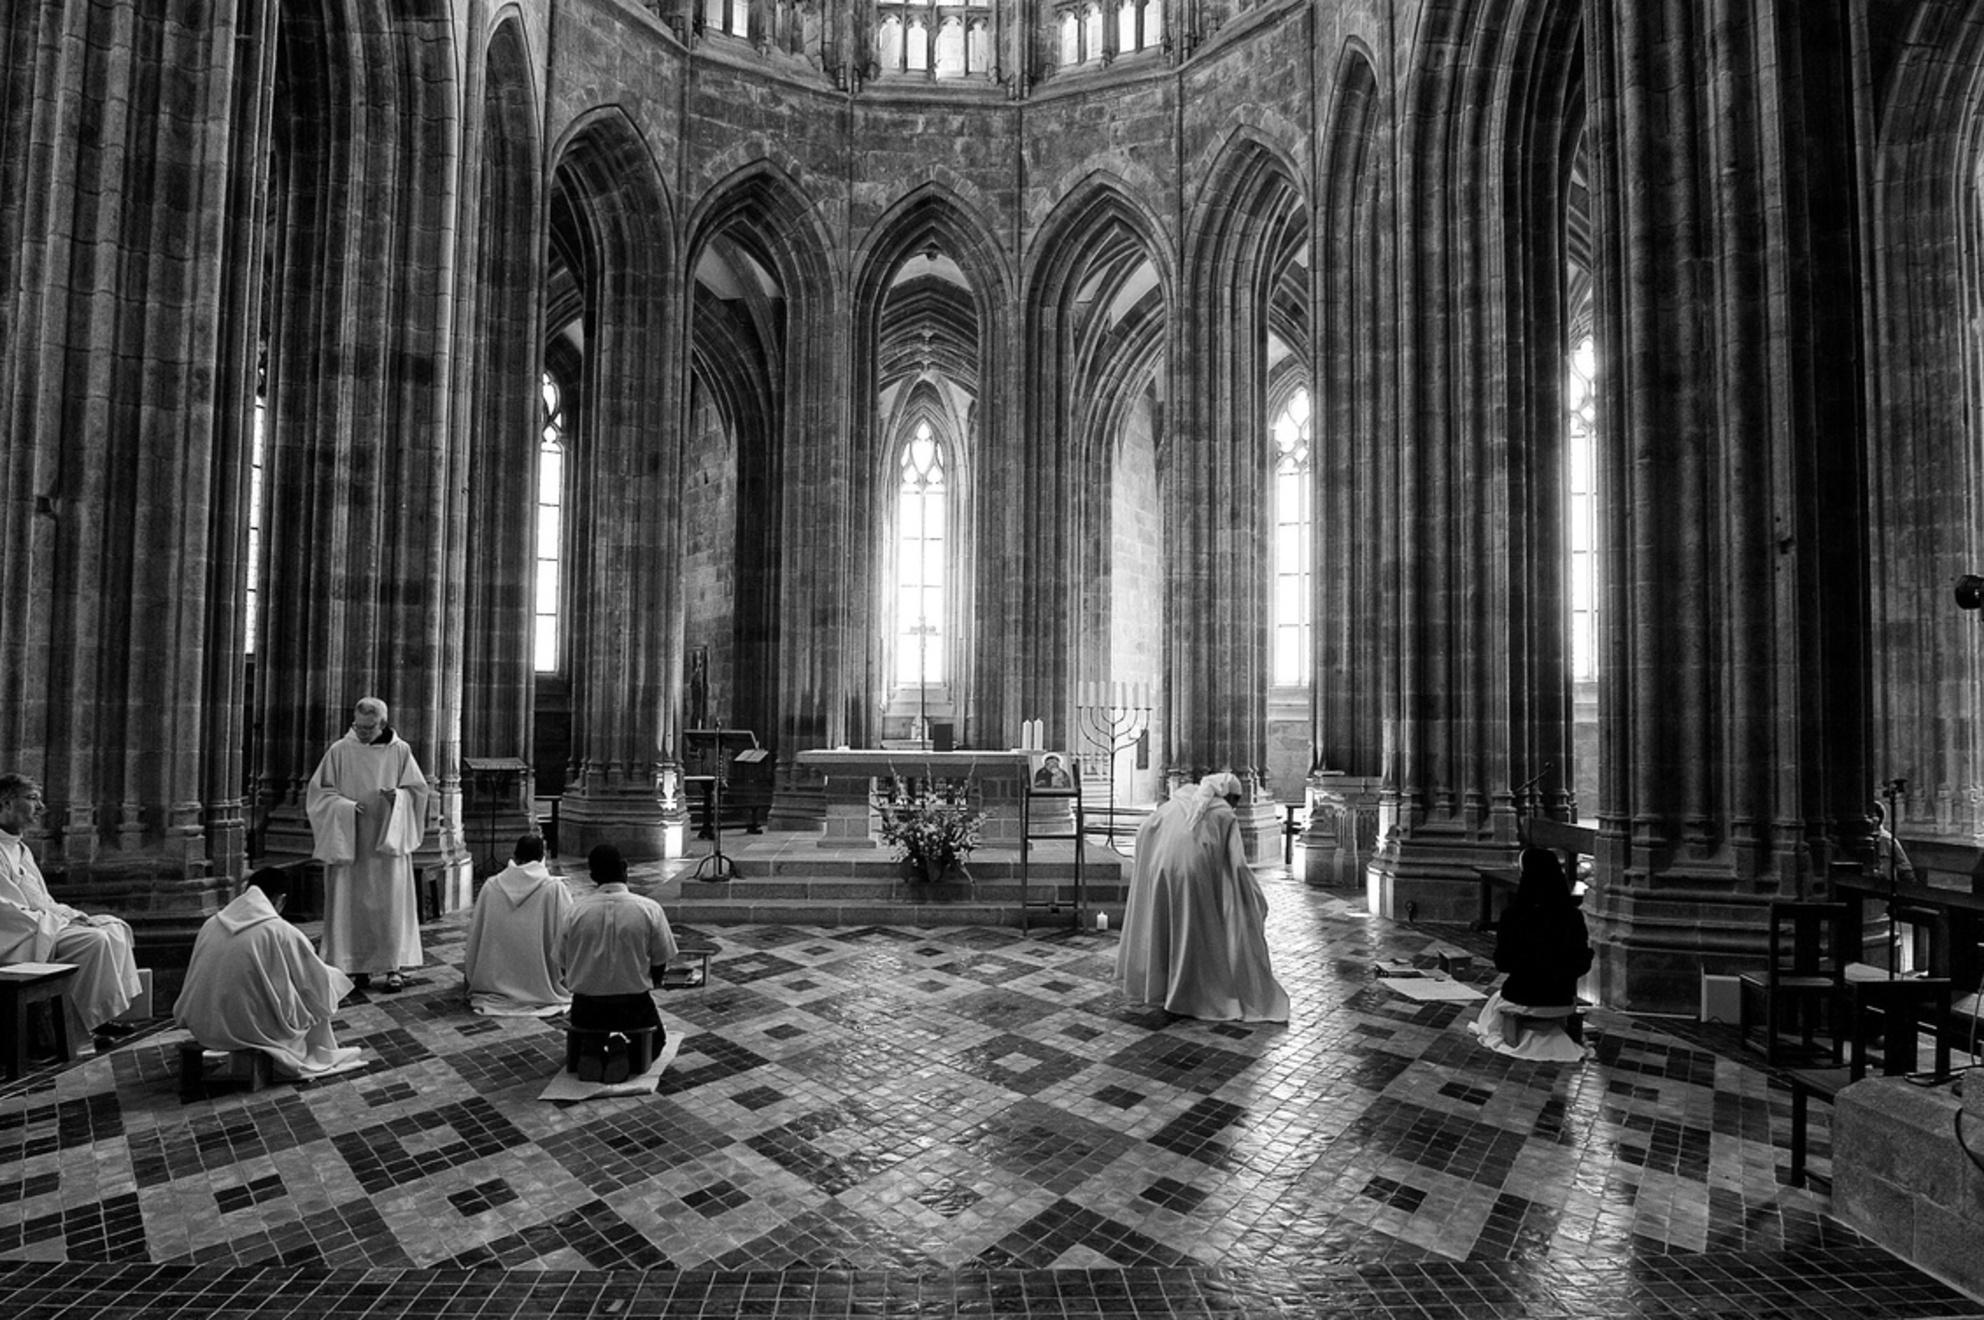 Praying - Dit is een opname uit de kathedraal van de Mont Saint-Michel in Bretagne. De lichtinval was machtig mooi. Door de omzetting naar zwart wit en de cont - foto door Reinier63 op 30-03-2016 - deze foto bevat: oud, mensen, zon, licht, kasteel, lijnen, frankrijk, kerk, zwartwit, kathedraal, bidden, religie, bretagne, katholiek, christen, Mont Saint-Michel - Deze foto mag gebruikt worden in een Zoom.nl publicatie